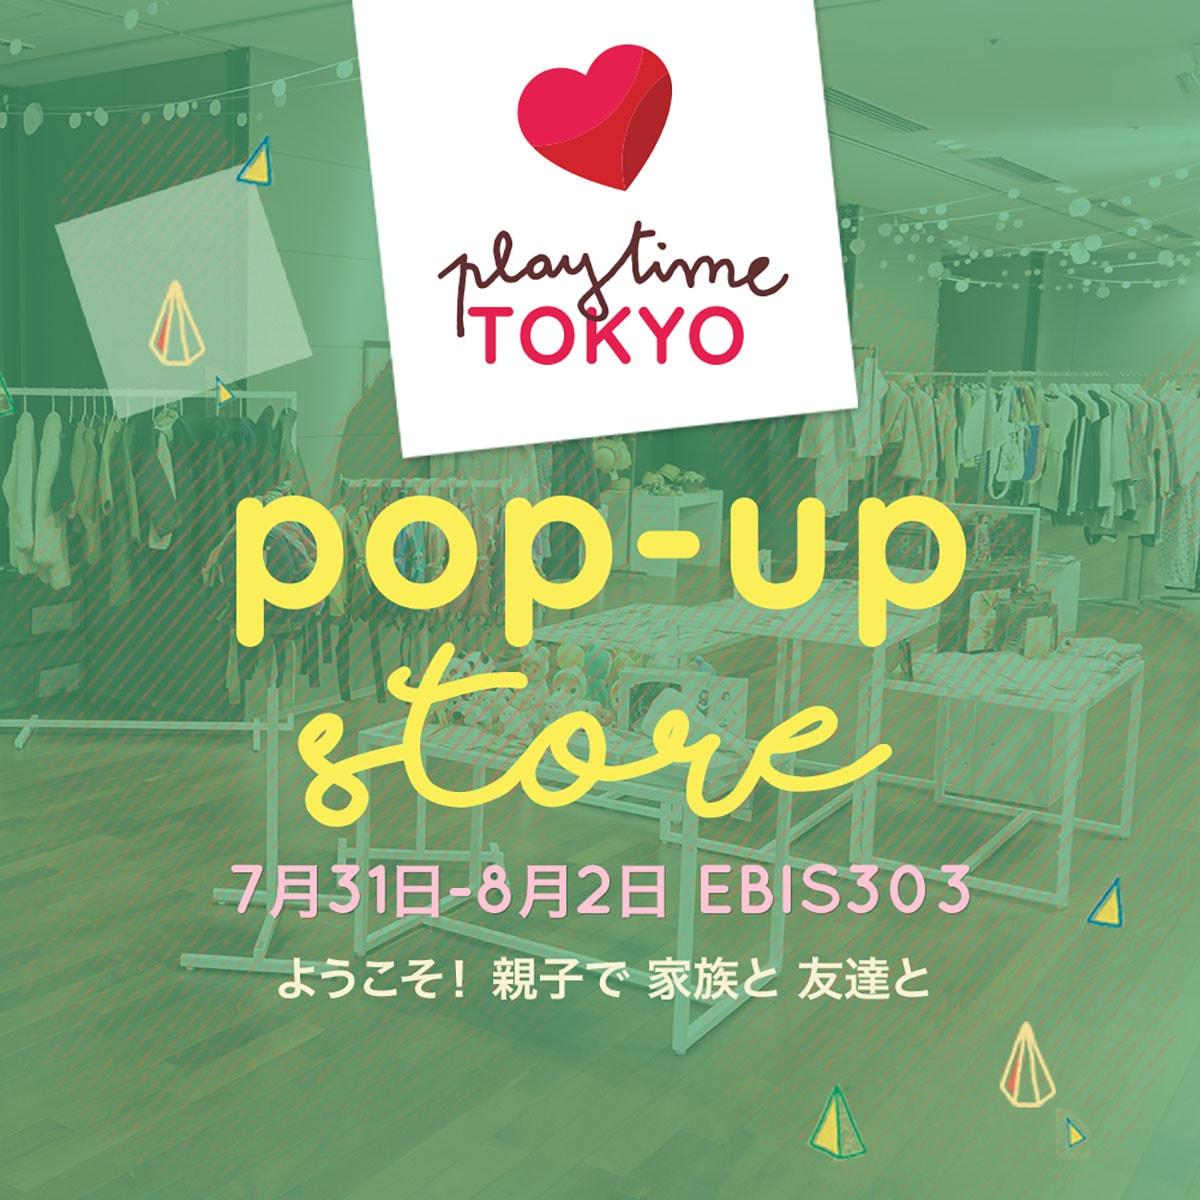 インターナショナルなファッション展示会「プレイタイム東京」にて一般参加できるPOP UP SHOPとワークショップを開催!